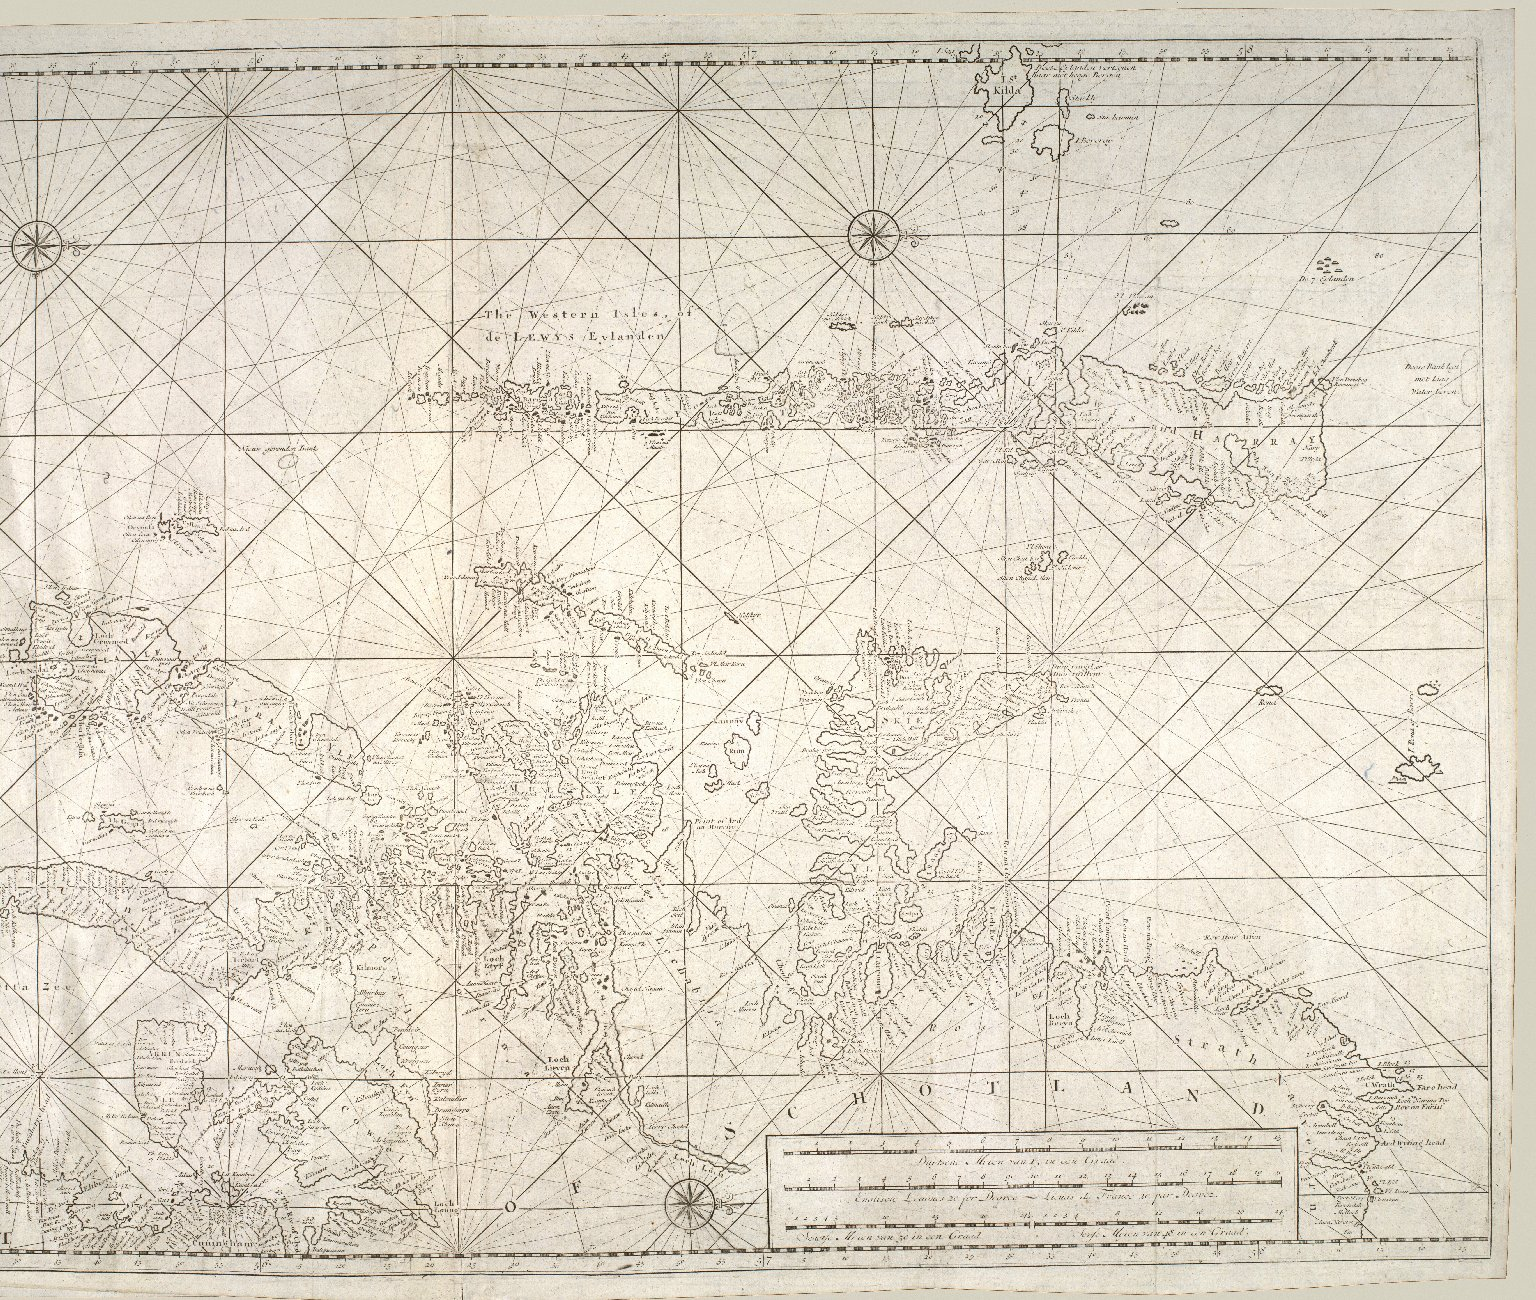 Nieuwe paskaart van de west kust van Schotlandt, de Lewys eylanden en de noord kust van Yrland : beginnende van C. Wrath of de Noordilykstc heck van Schotlandt tot in het St. Ioris Kanaal [2 of 2]